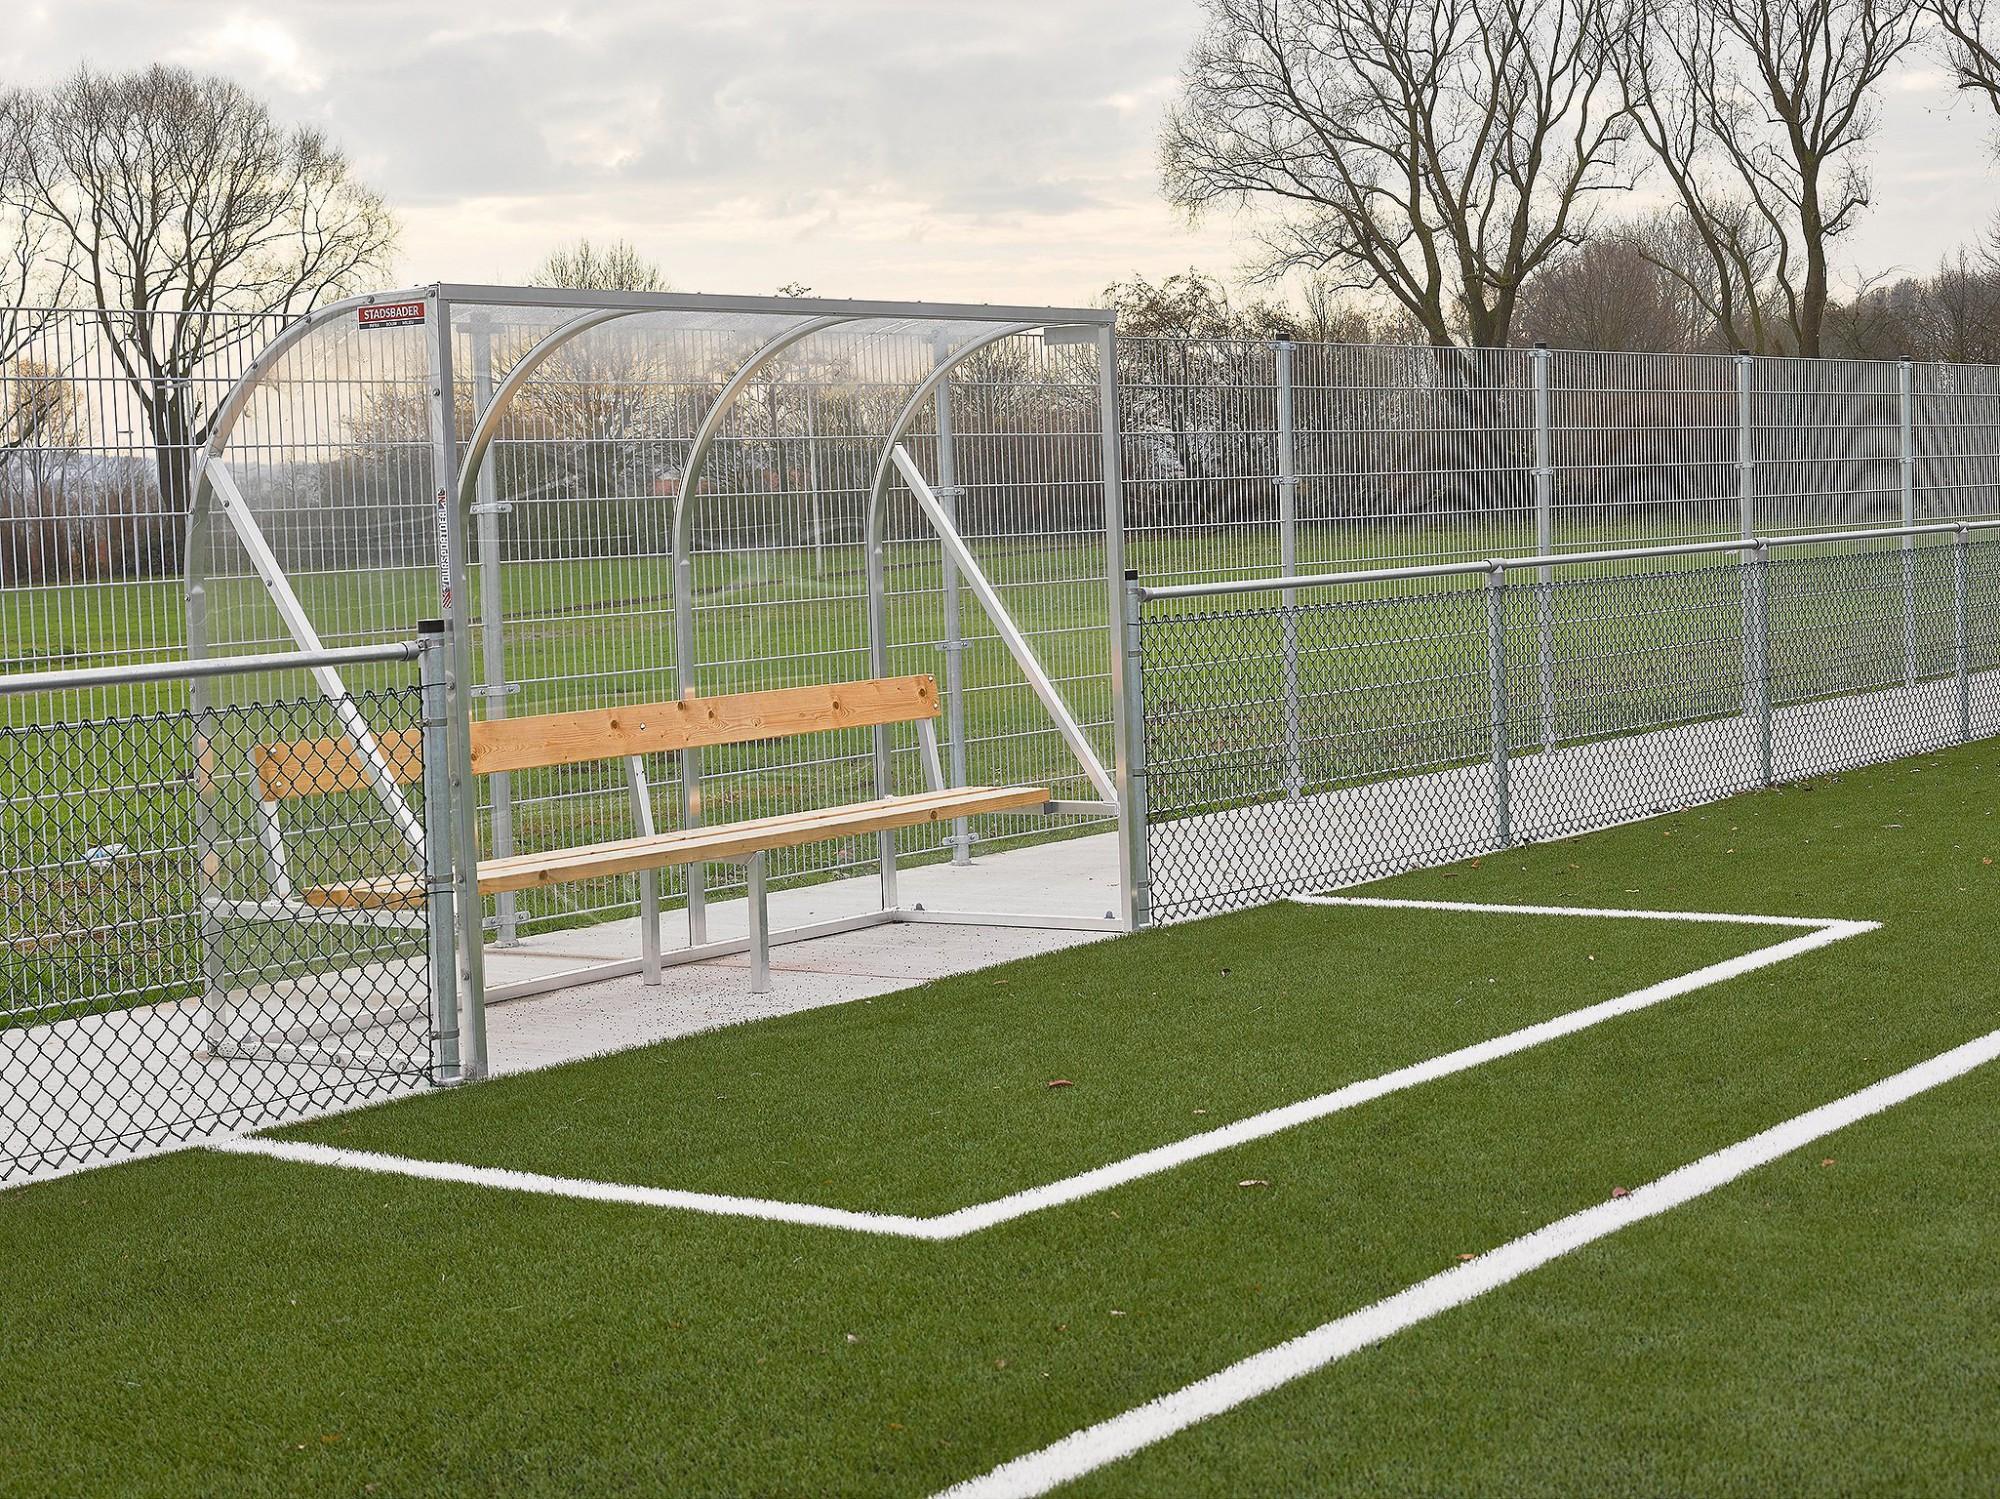 Afbeelding: Infrastructuurwerken aanleg van kunstgrasveld te Kortrijk, door Stadsbader.